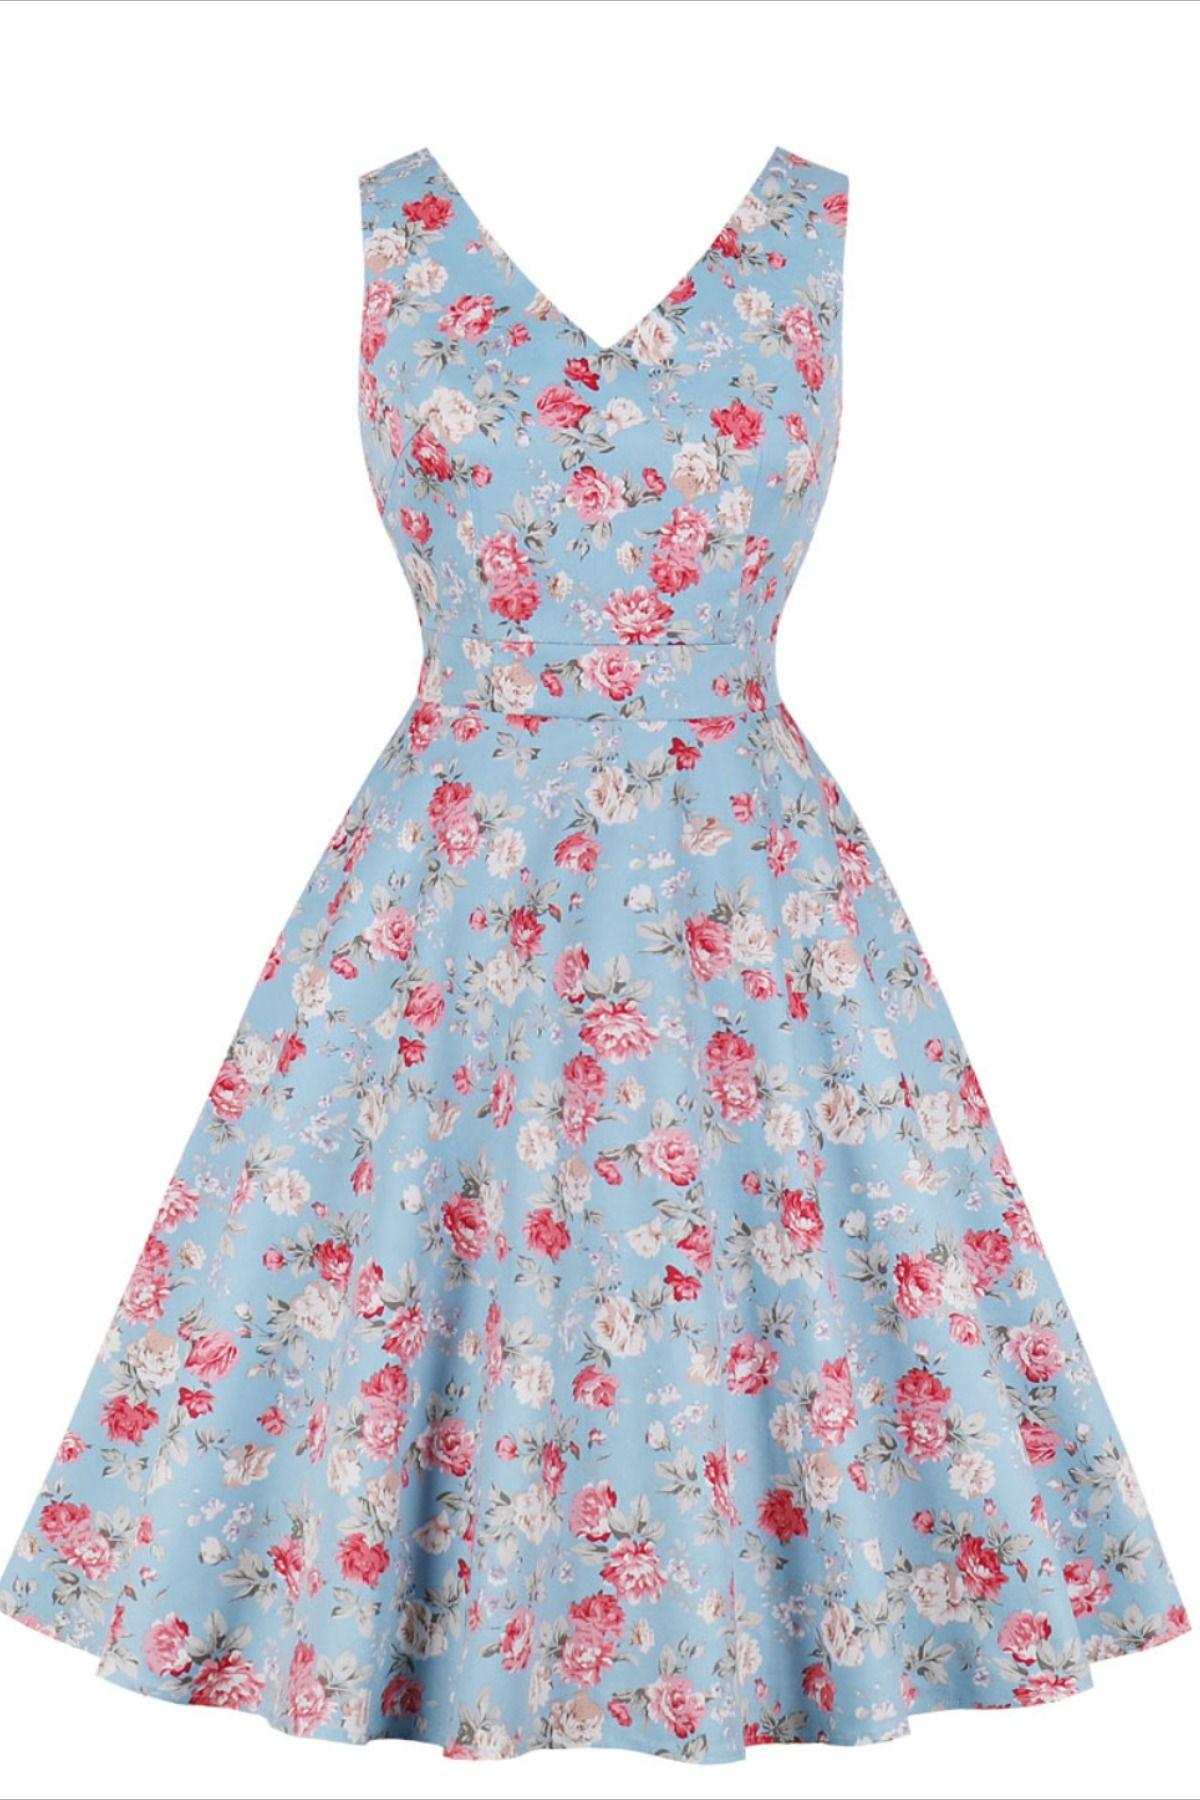 V Neck 1950s Vintage Short Dress Vintage Short Dress Floral Blue Dress Vintage Dresses [ 1800 x 1200 Pixel ]